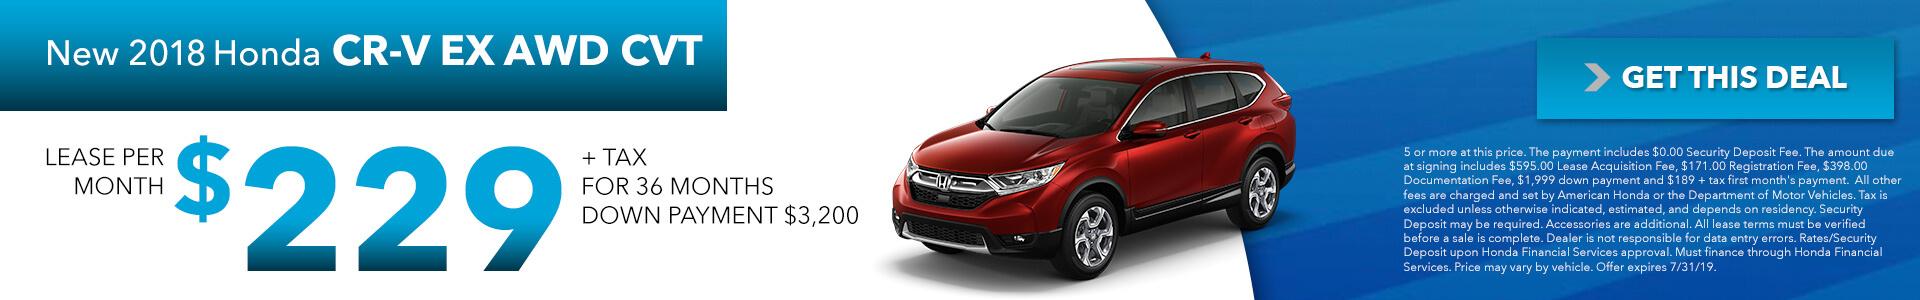 2019 Honda CR-V Lease for 229